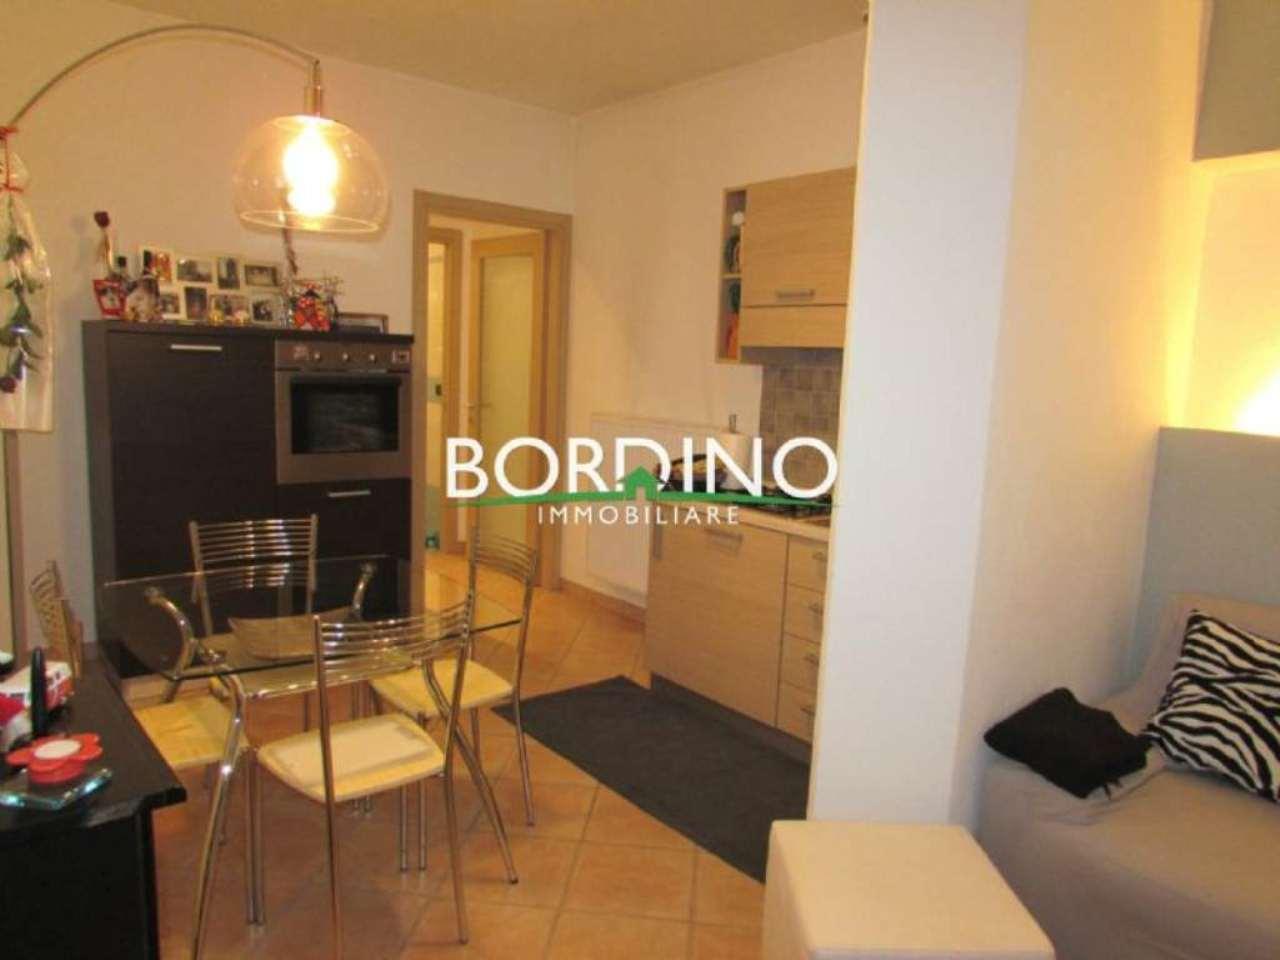 Appartamento in vendita a Magliano Alfieri, 2 locali, prezzo € 95.000 | Cambio Casa.it